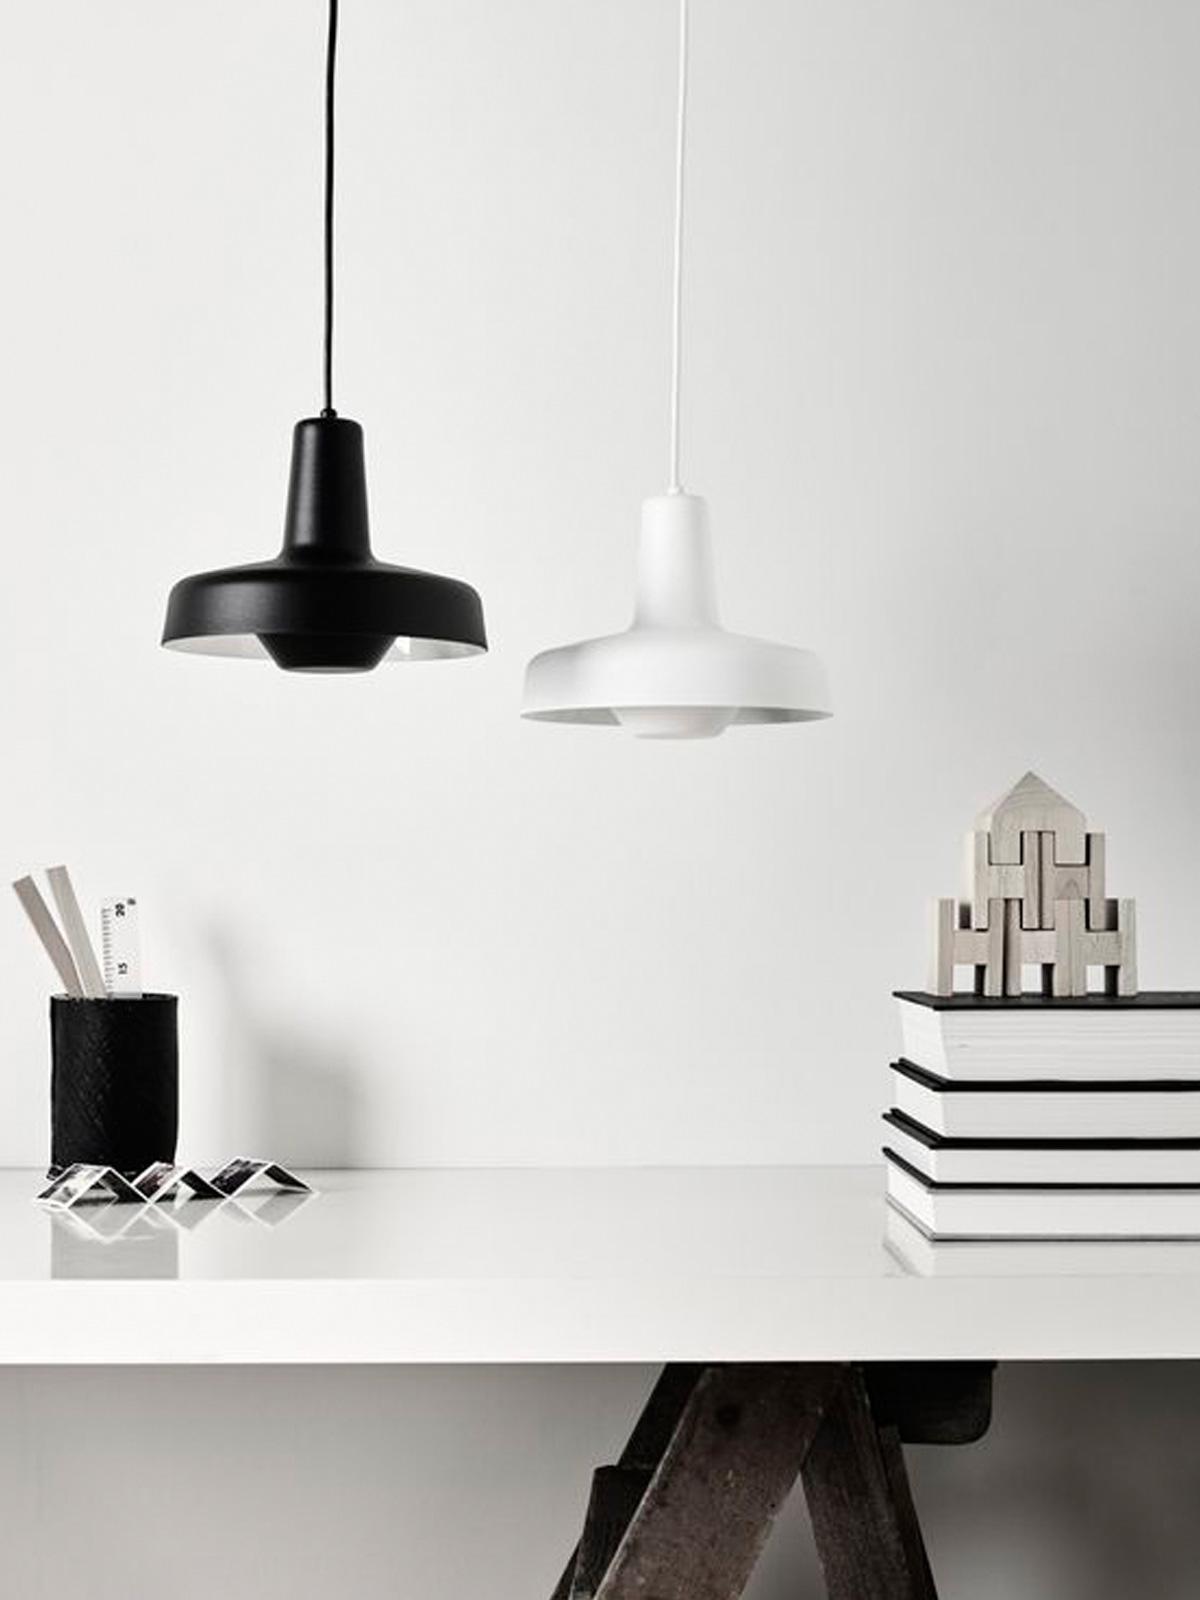 DesignOrt Blog: Pendelleuchten von Grupa in Schwarz und Weiß